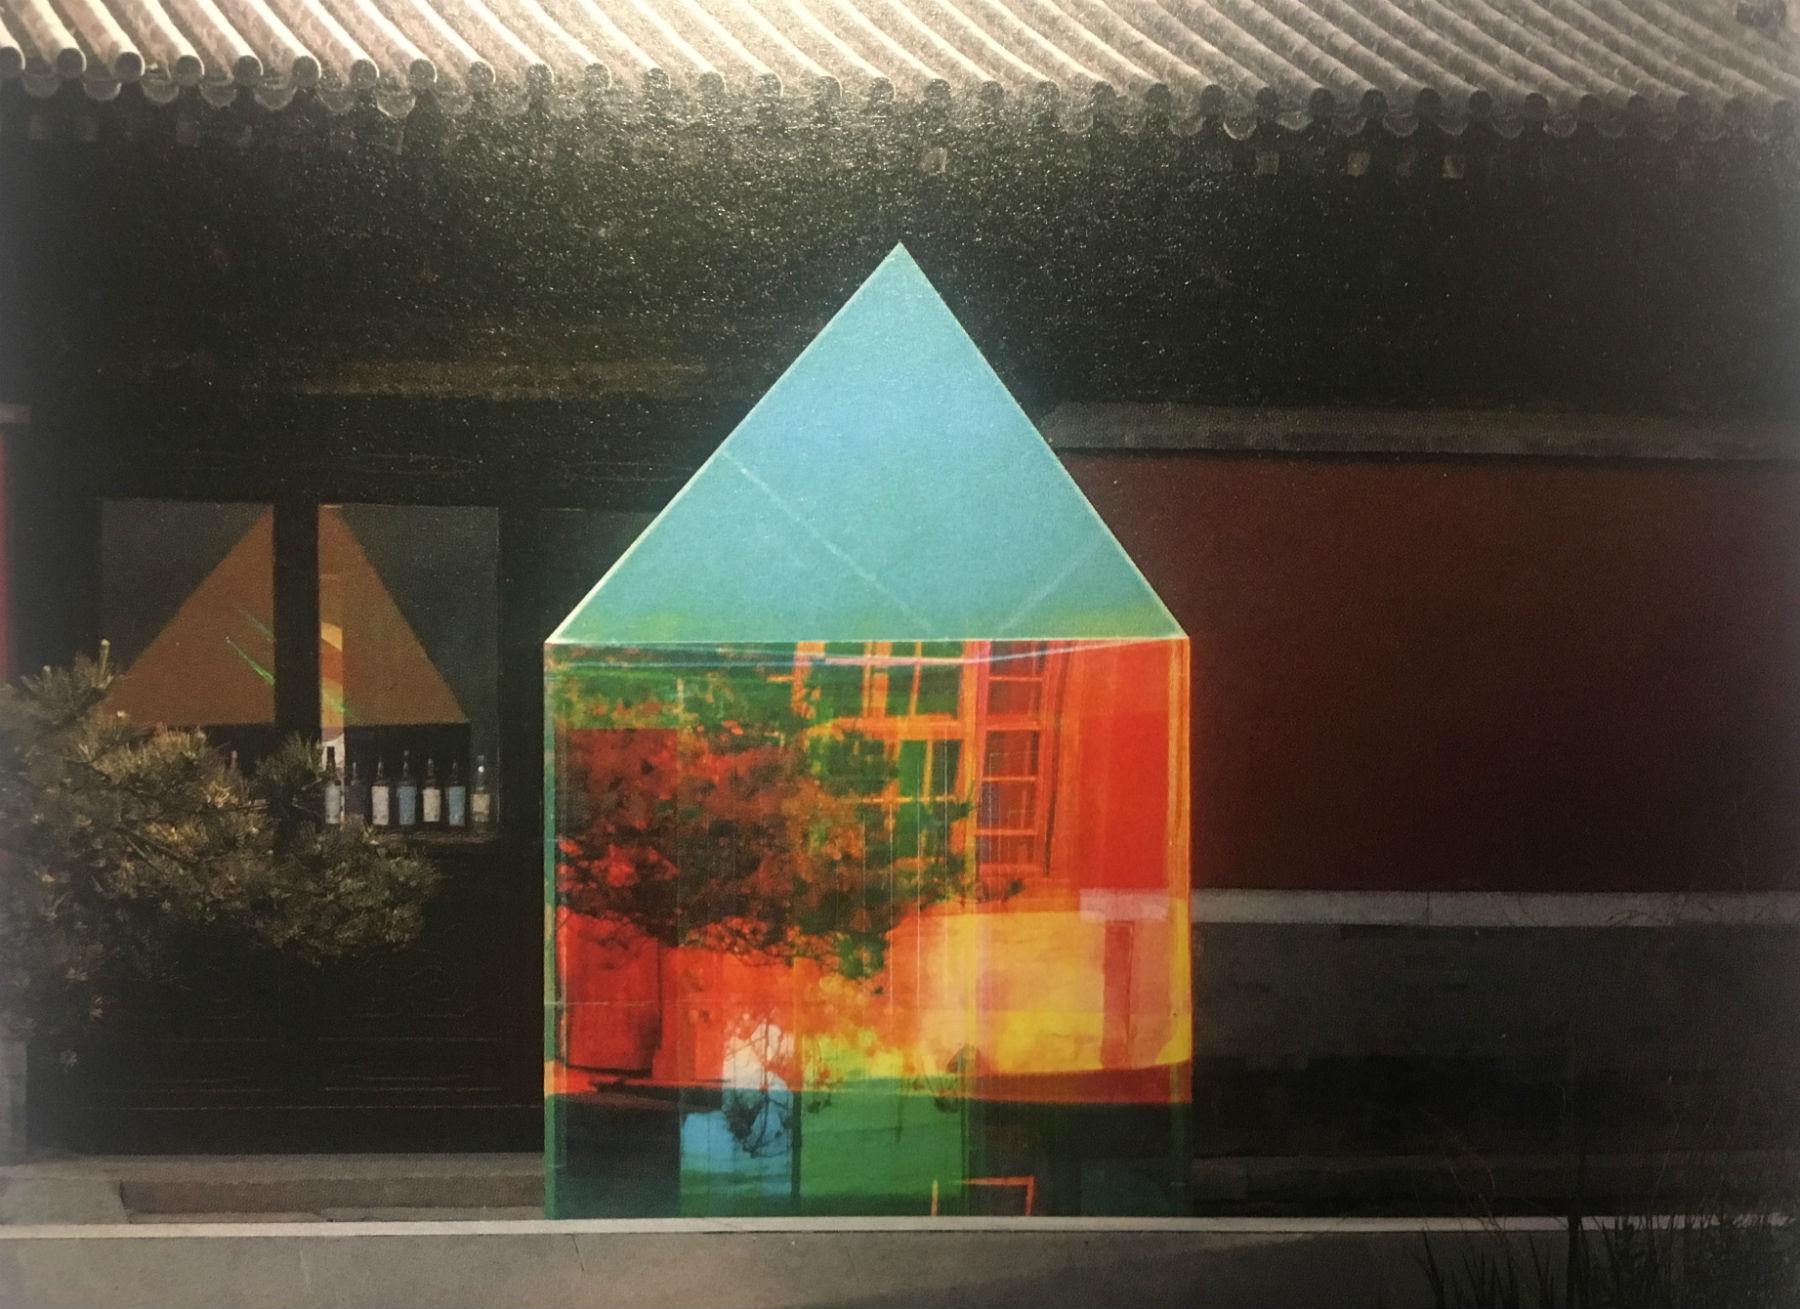 Arte chinesa é destaque da Bienal de Curitiba, que começa neste final de semana